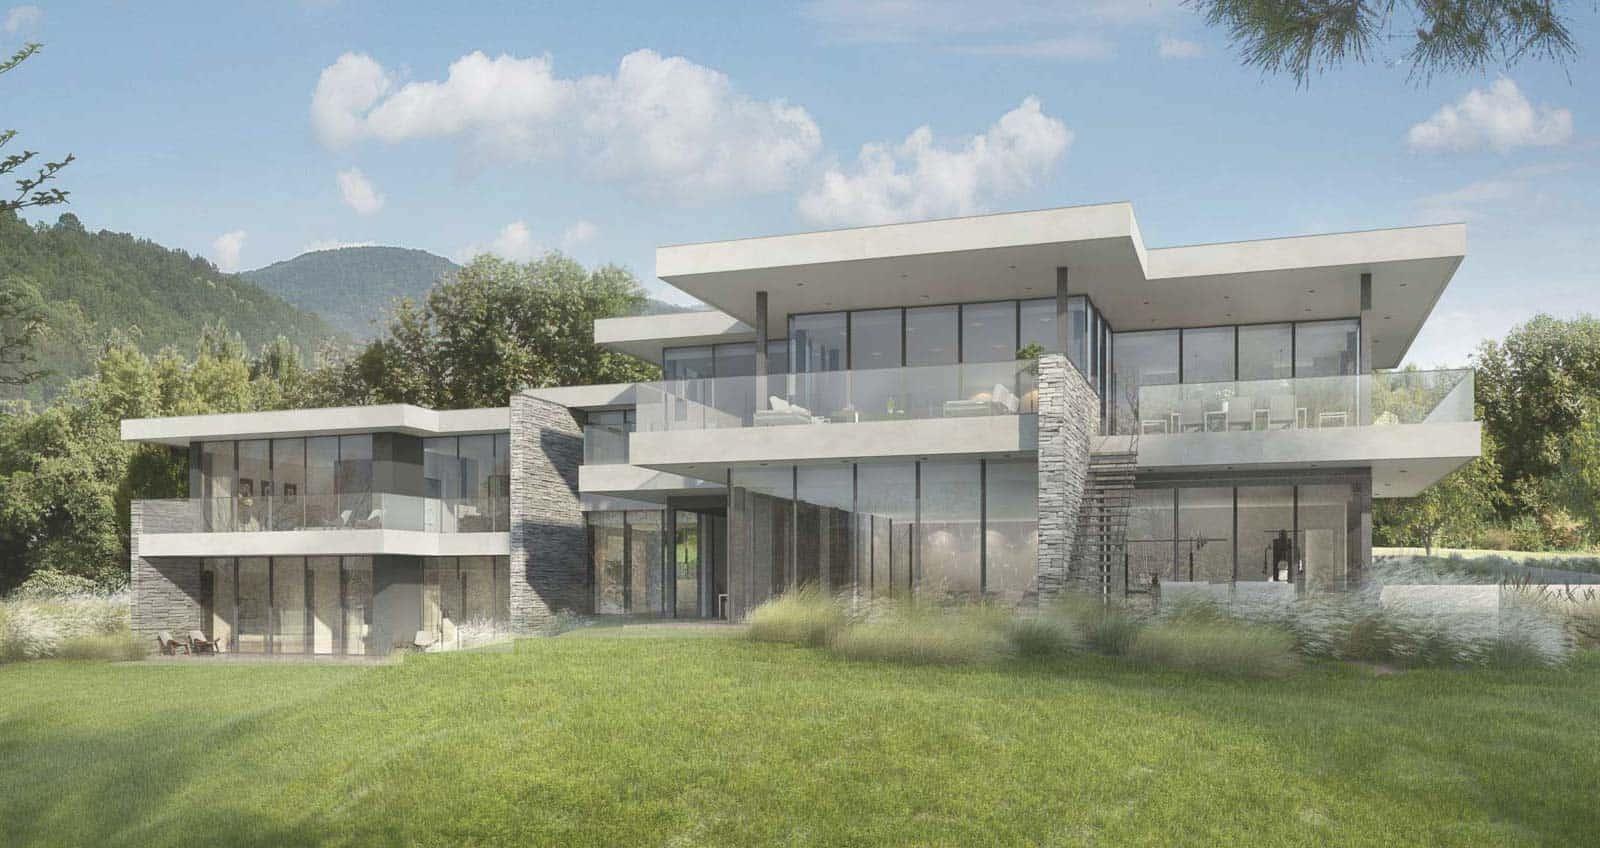 Maison de luxe Annecy Maison d'architecte, villa contemporaine - Archidomo